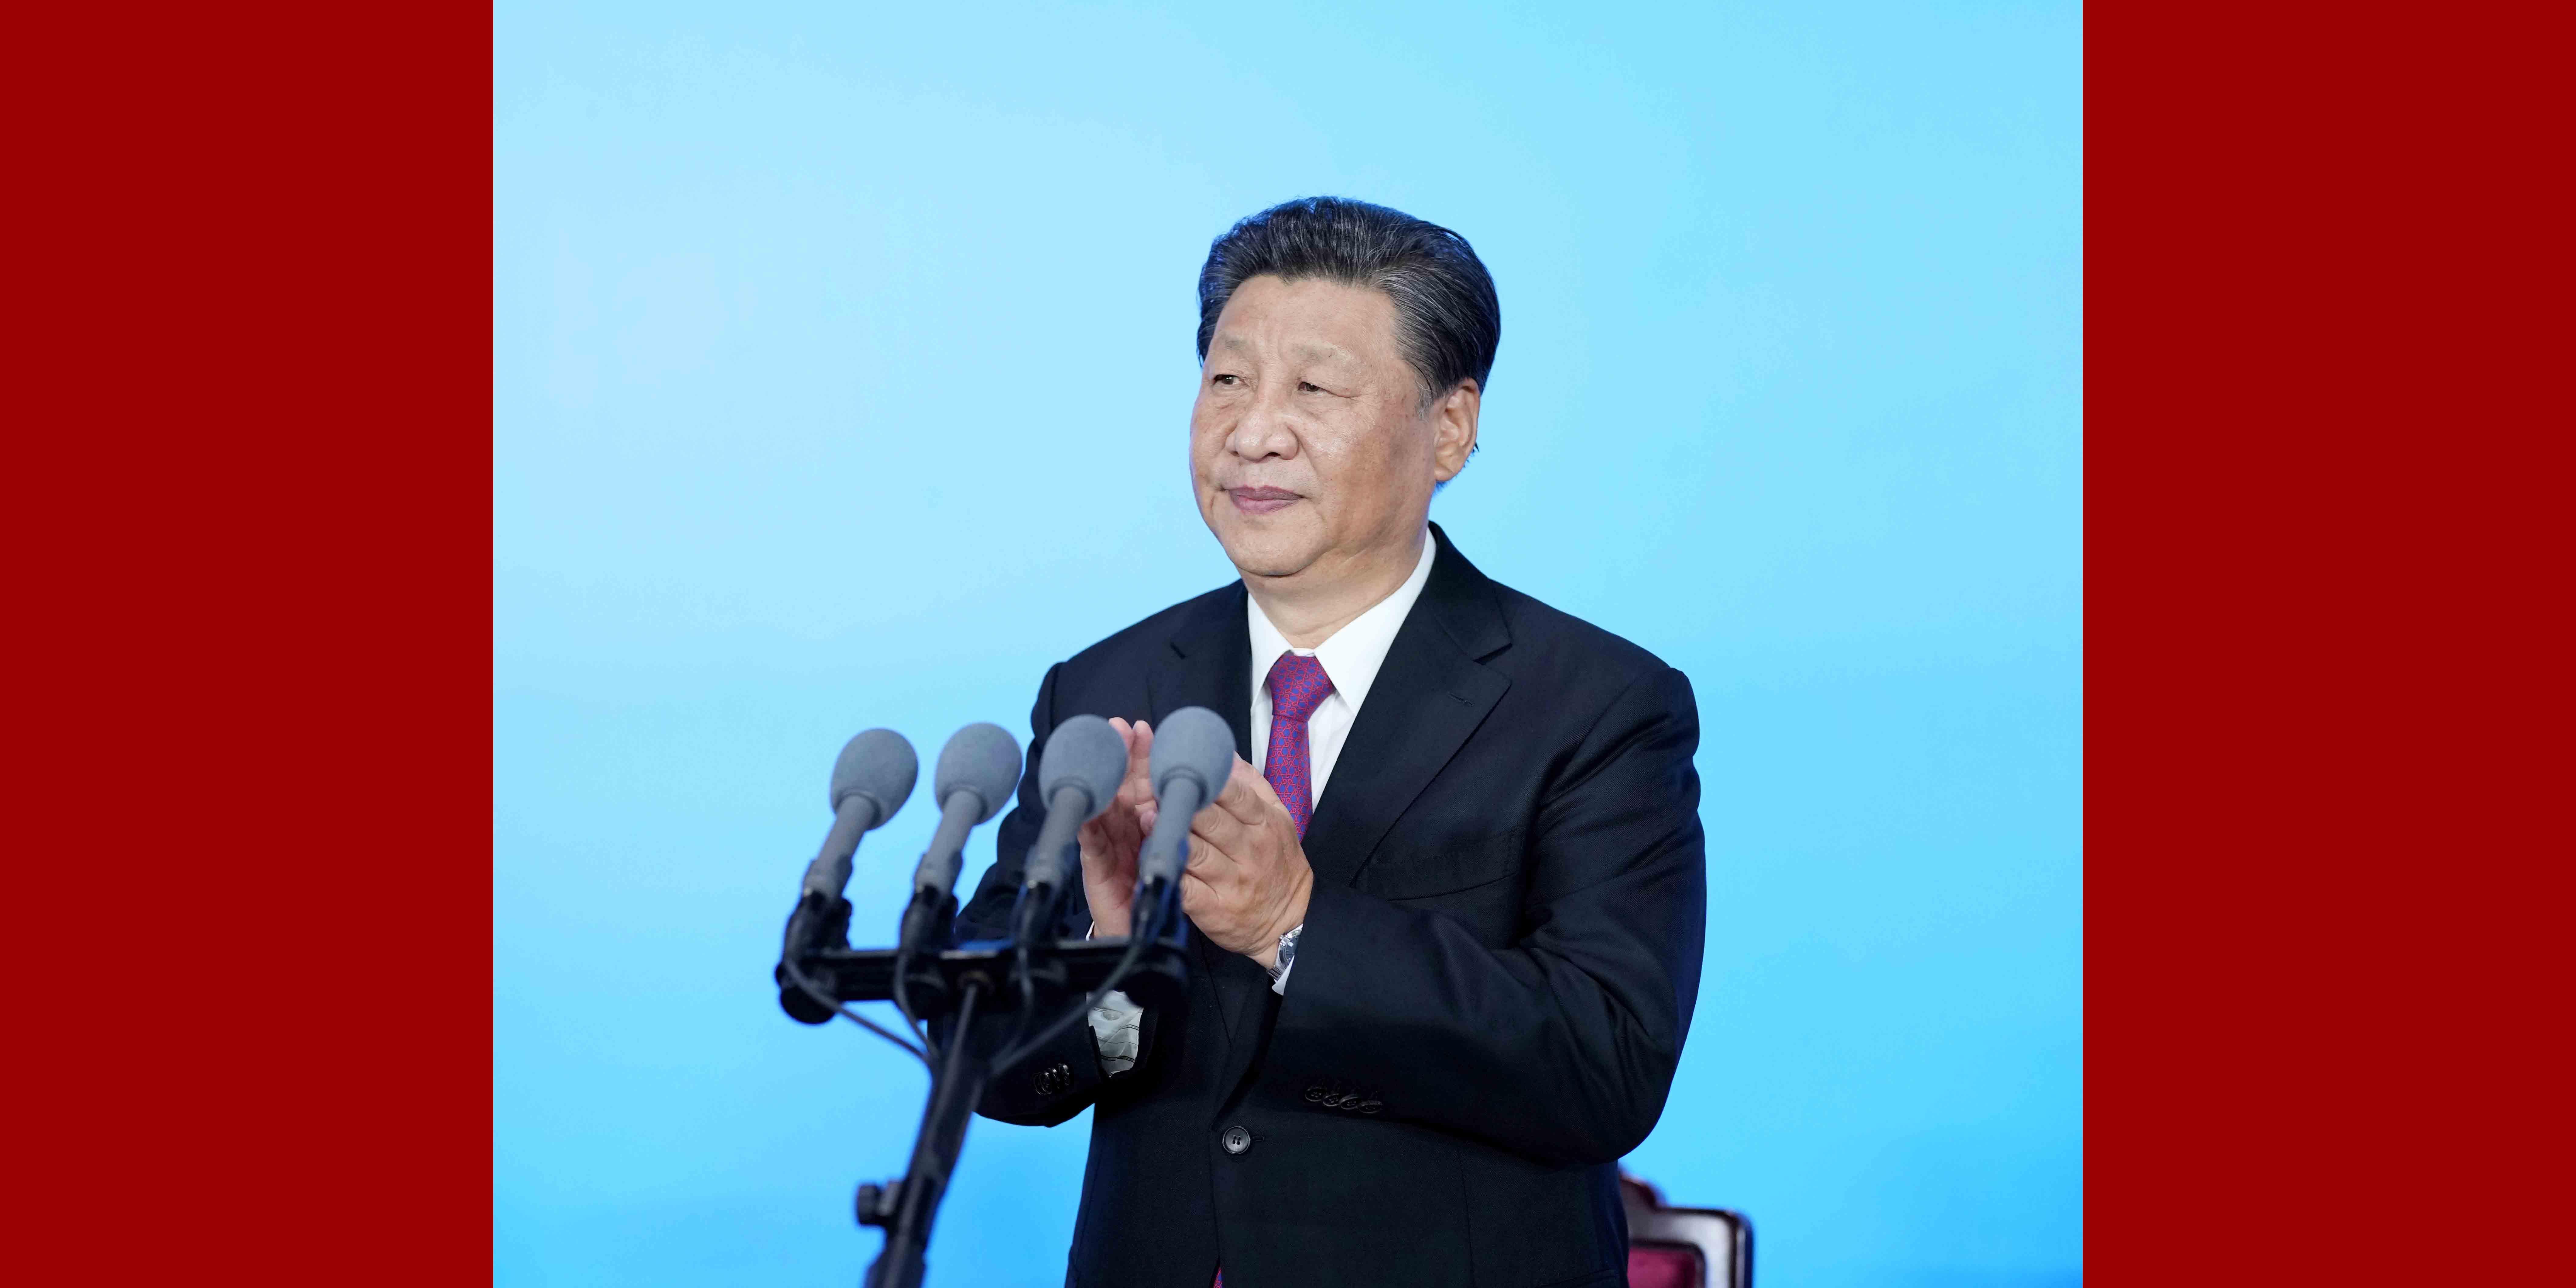 Presidente chinês declara abertura da 14ª edição dos Jogos Nacionais